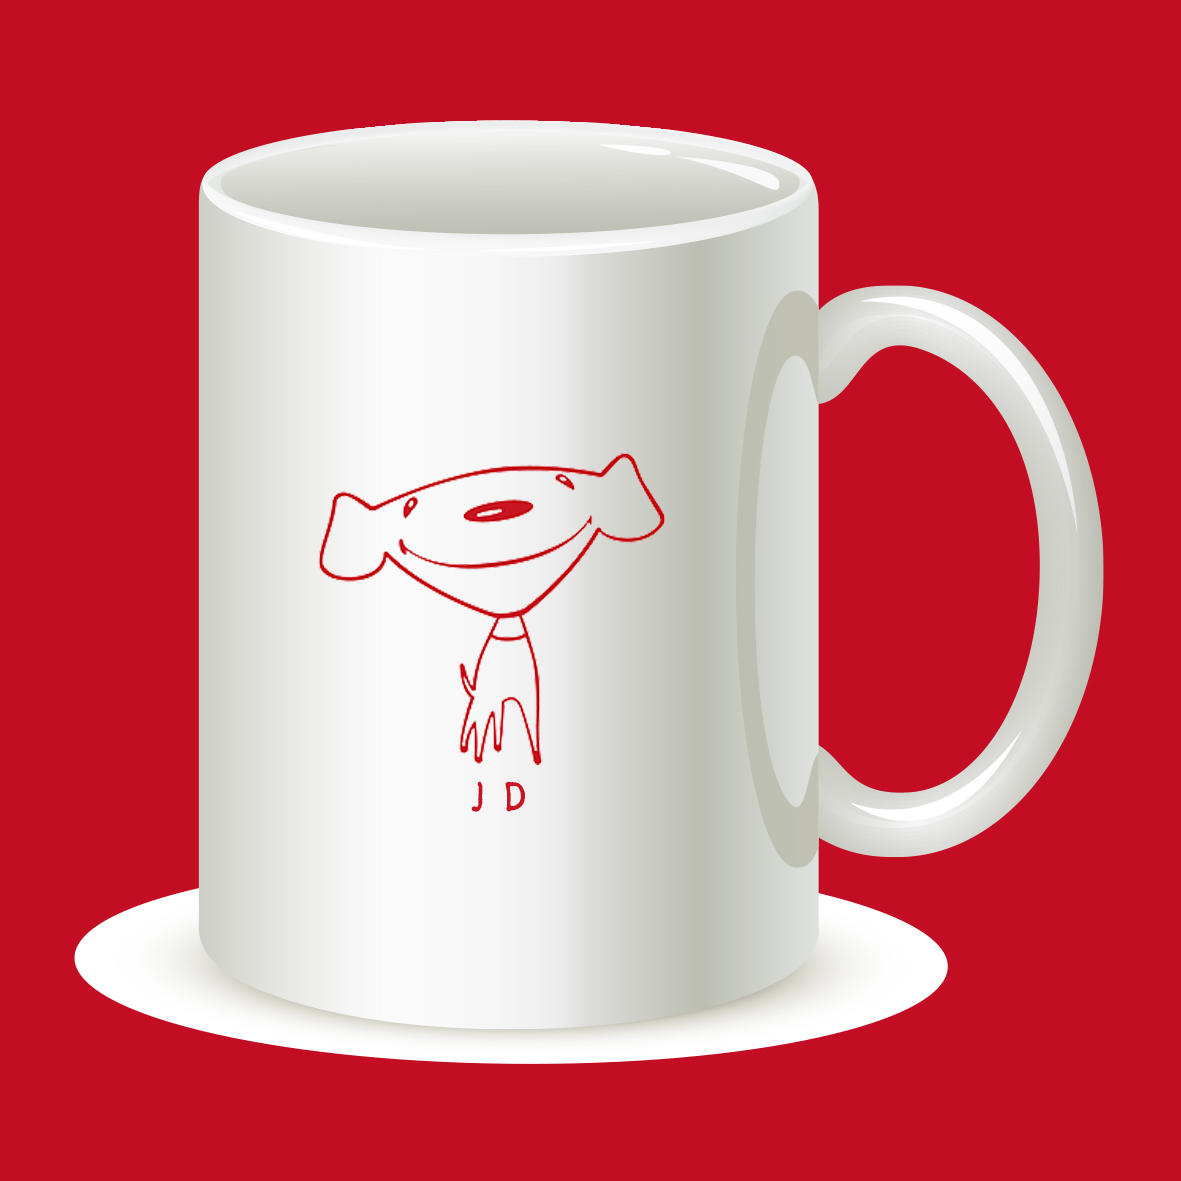 白色杯子配上京东鲜艳的红色线条吉祥物